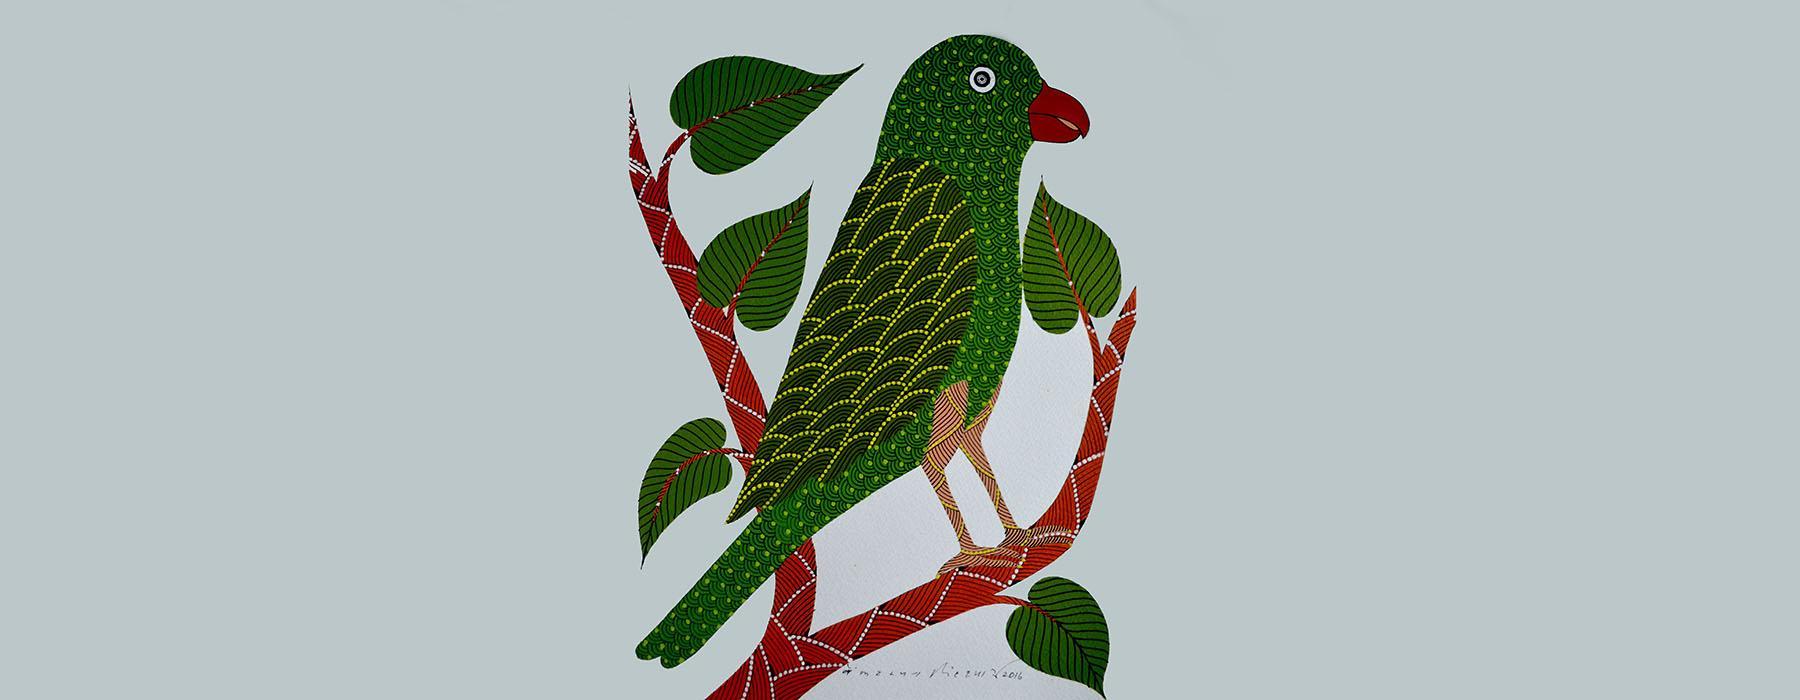 Gond art image parrot